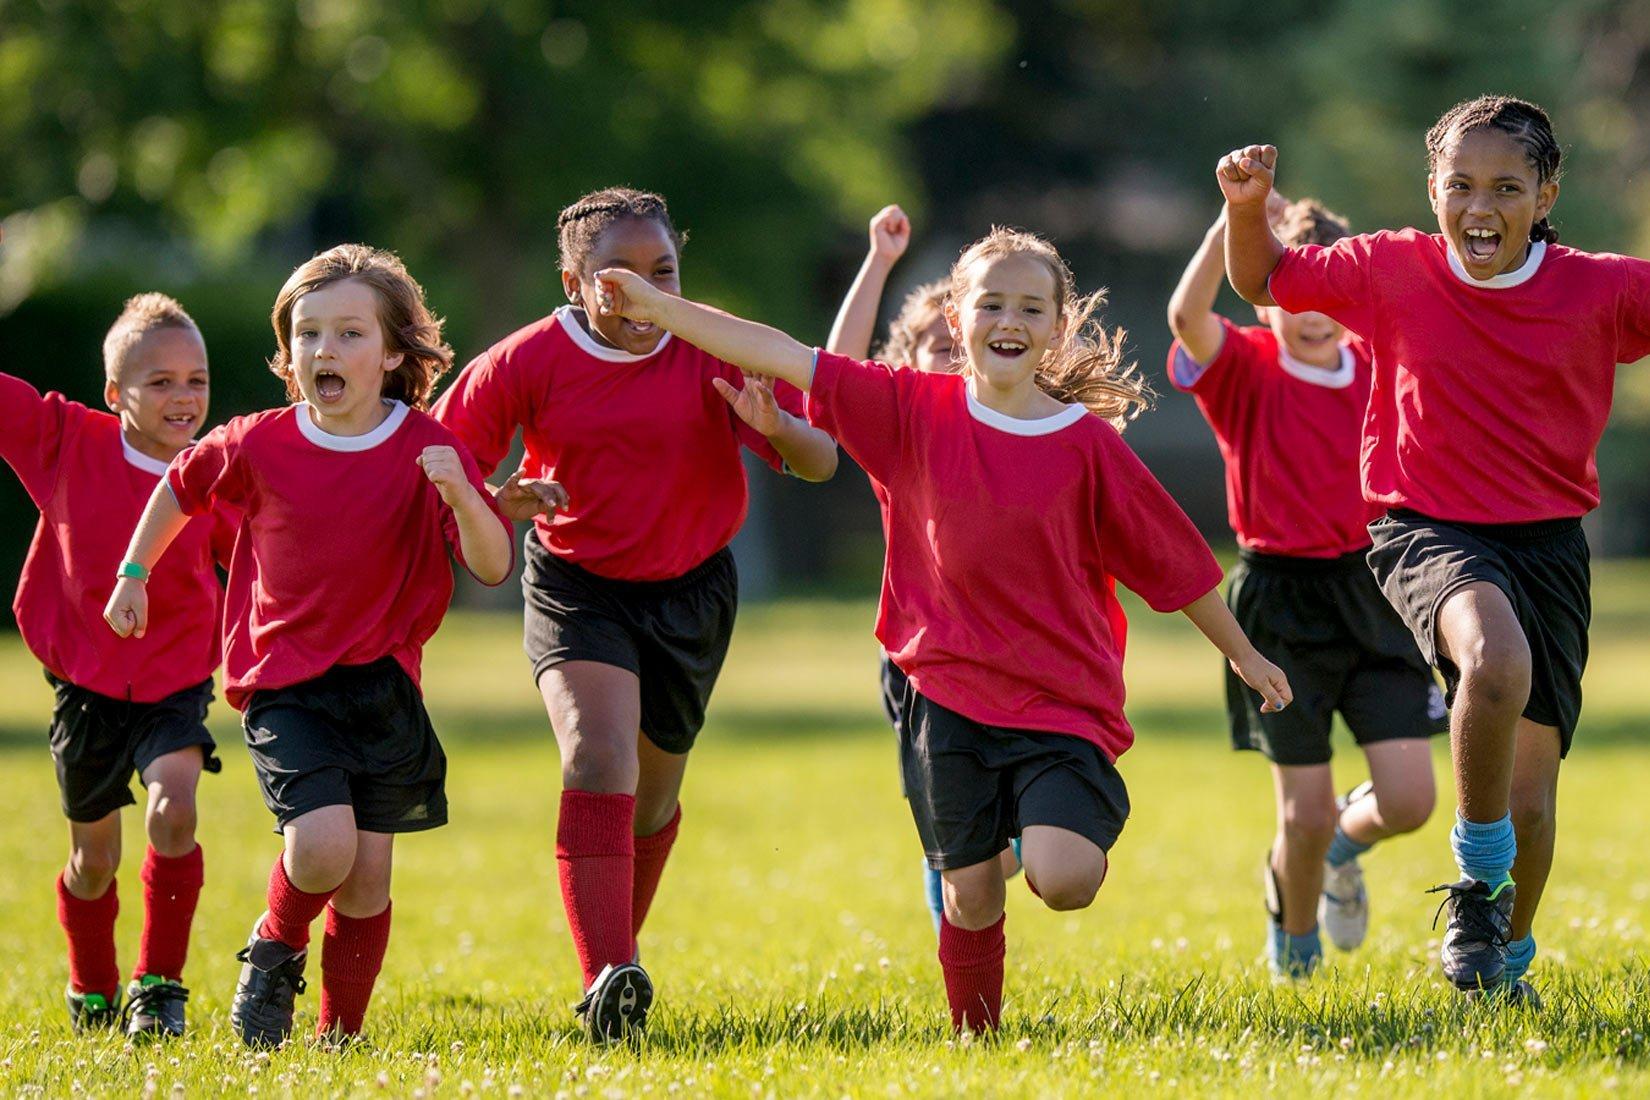 Nauczanie gry… jest jak nauczanie języków obcych